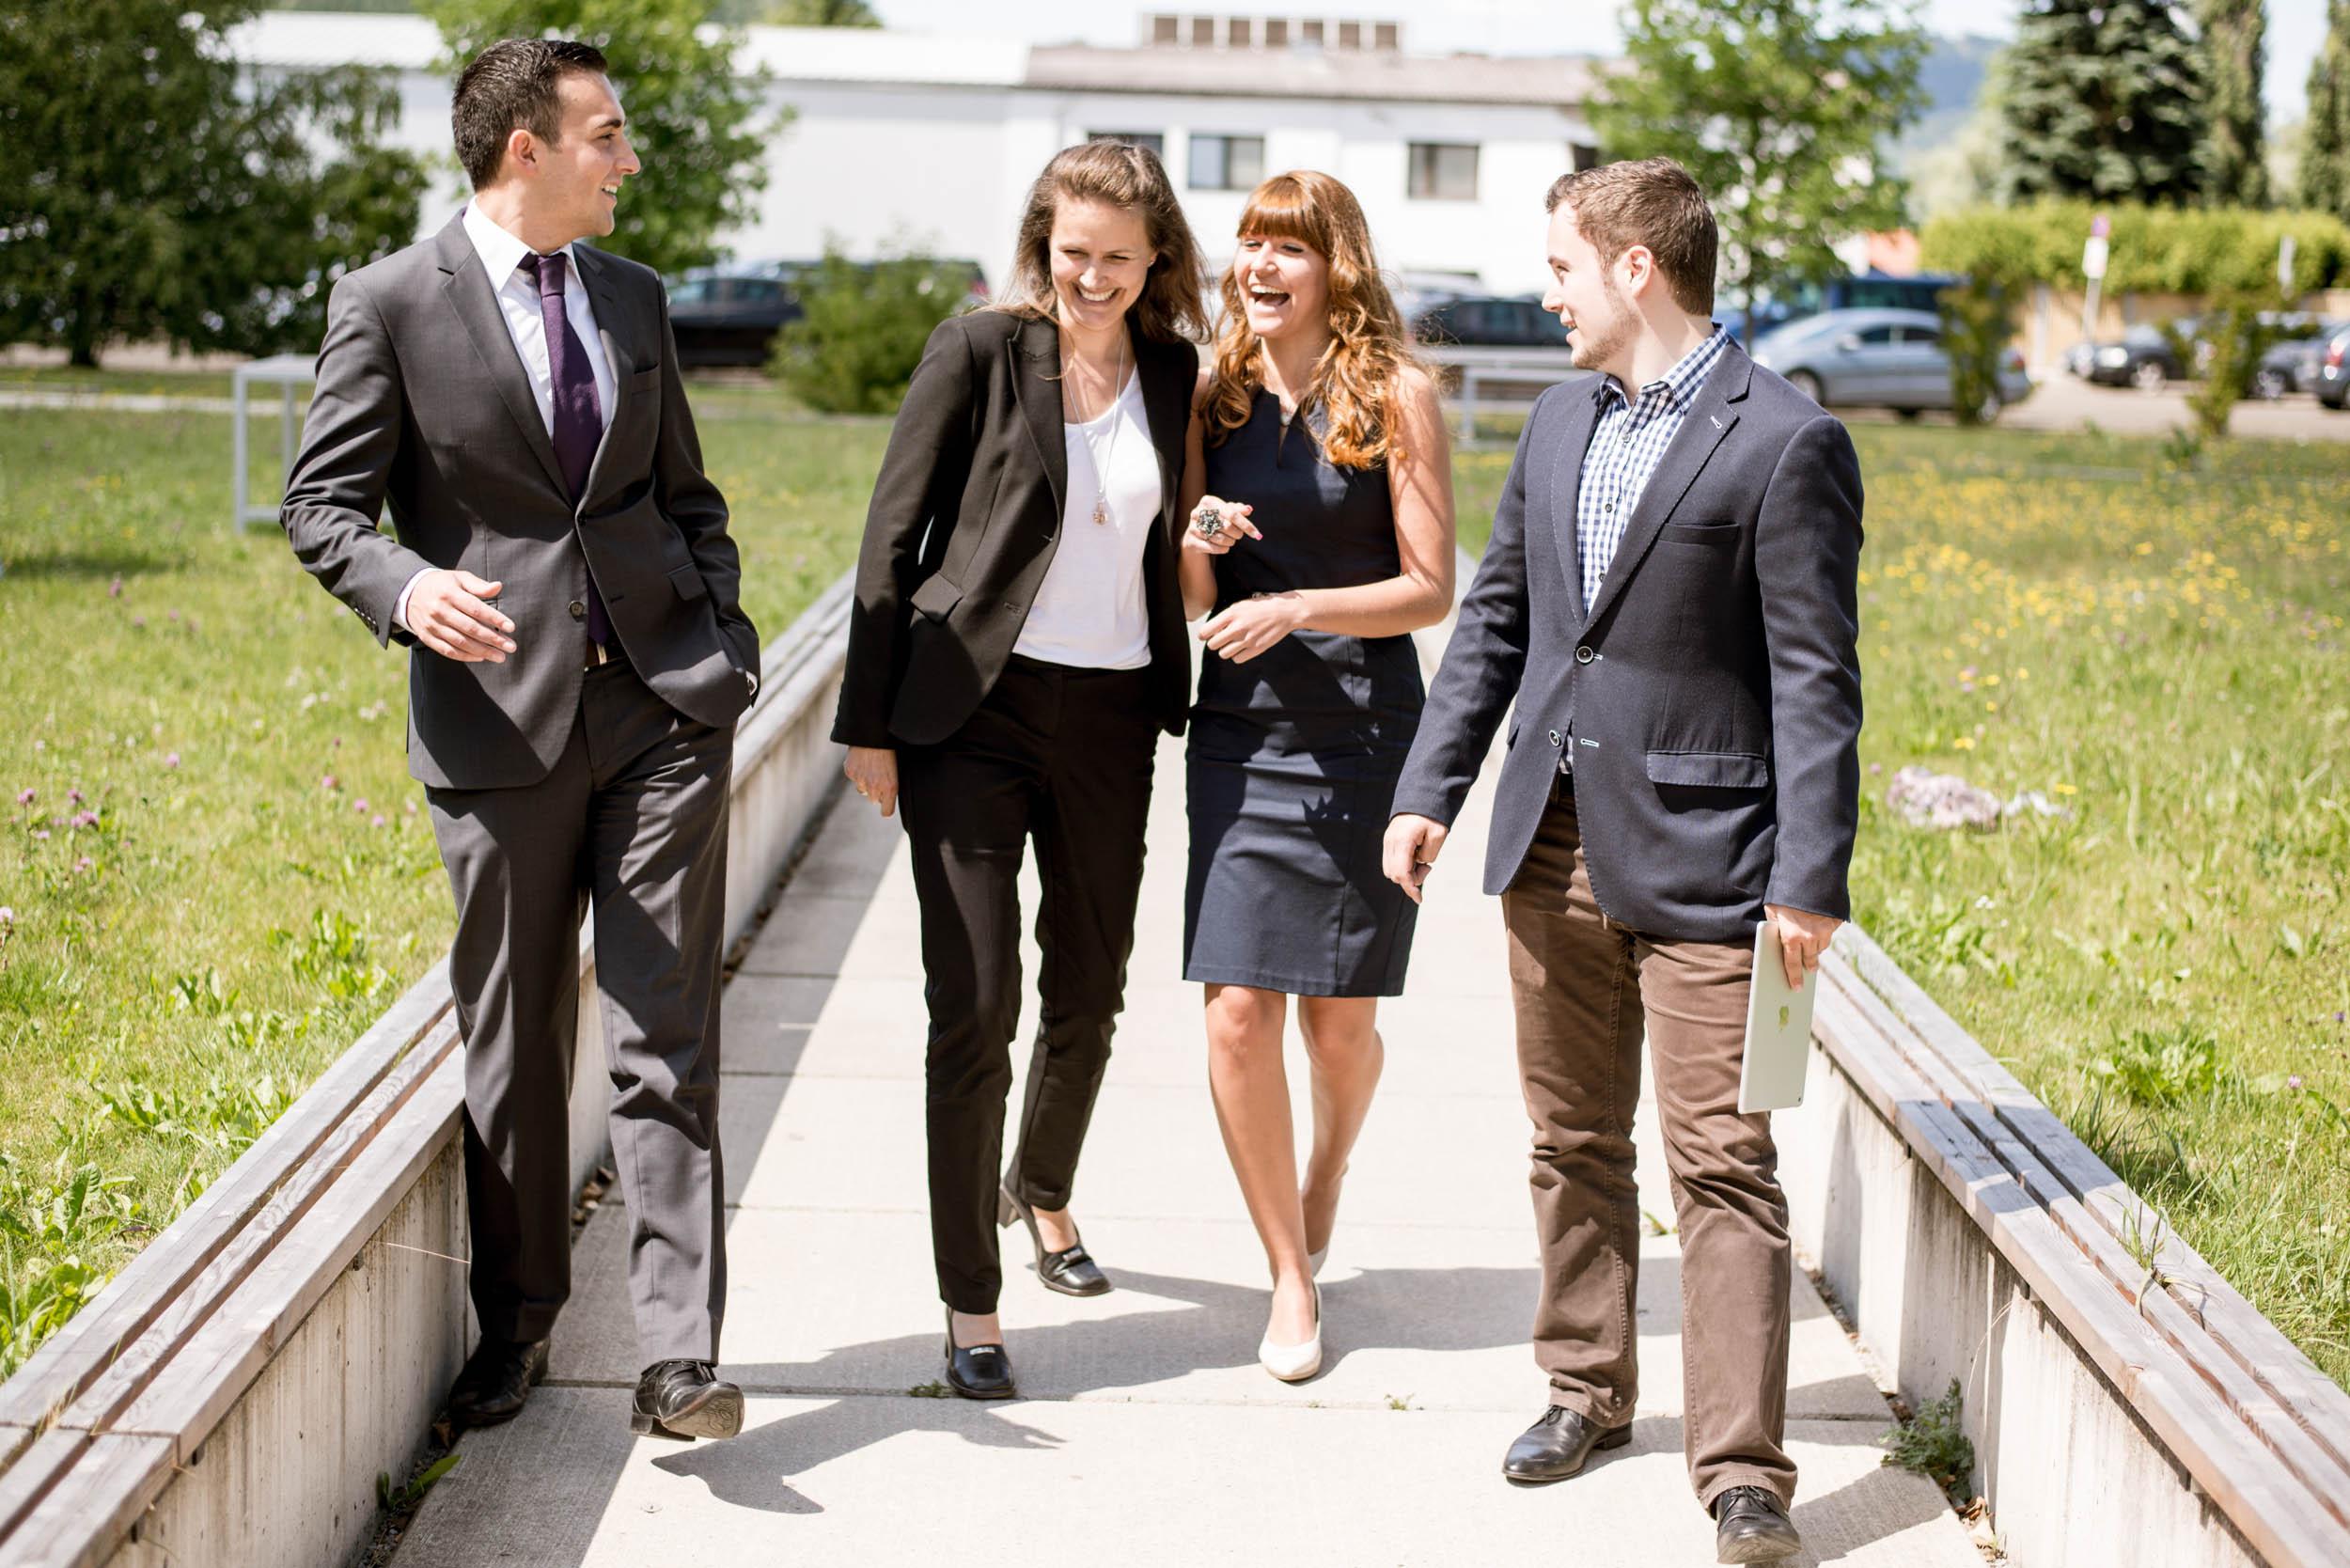 Vier Personen in Businessoutfit an der FH JOANNEUM Kapfenberg.